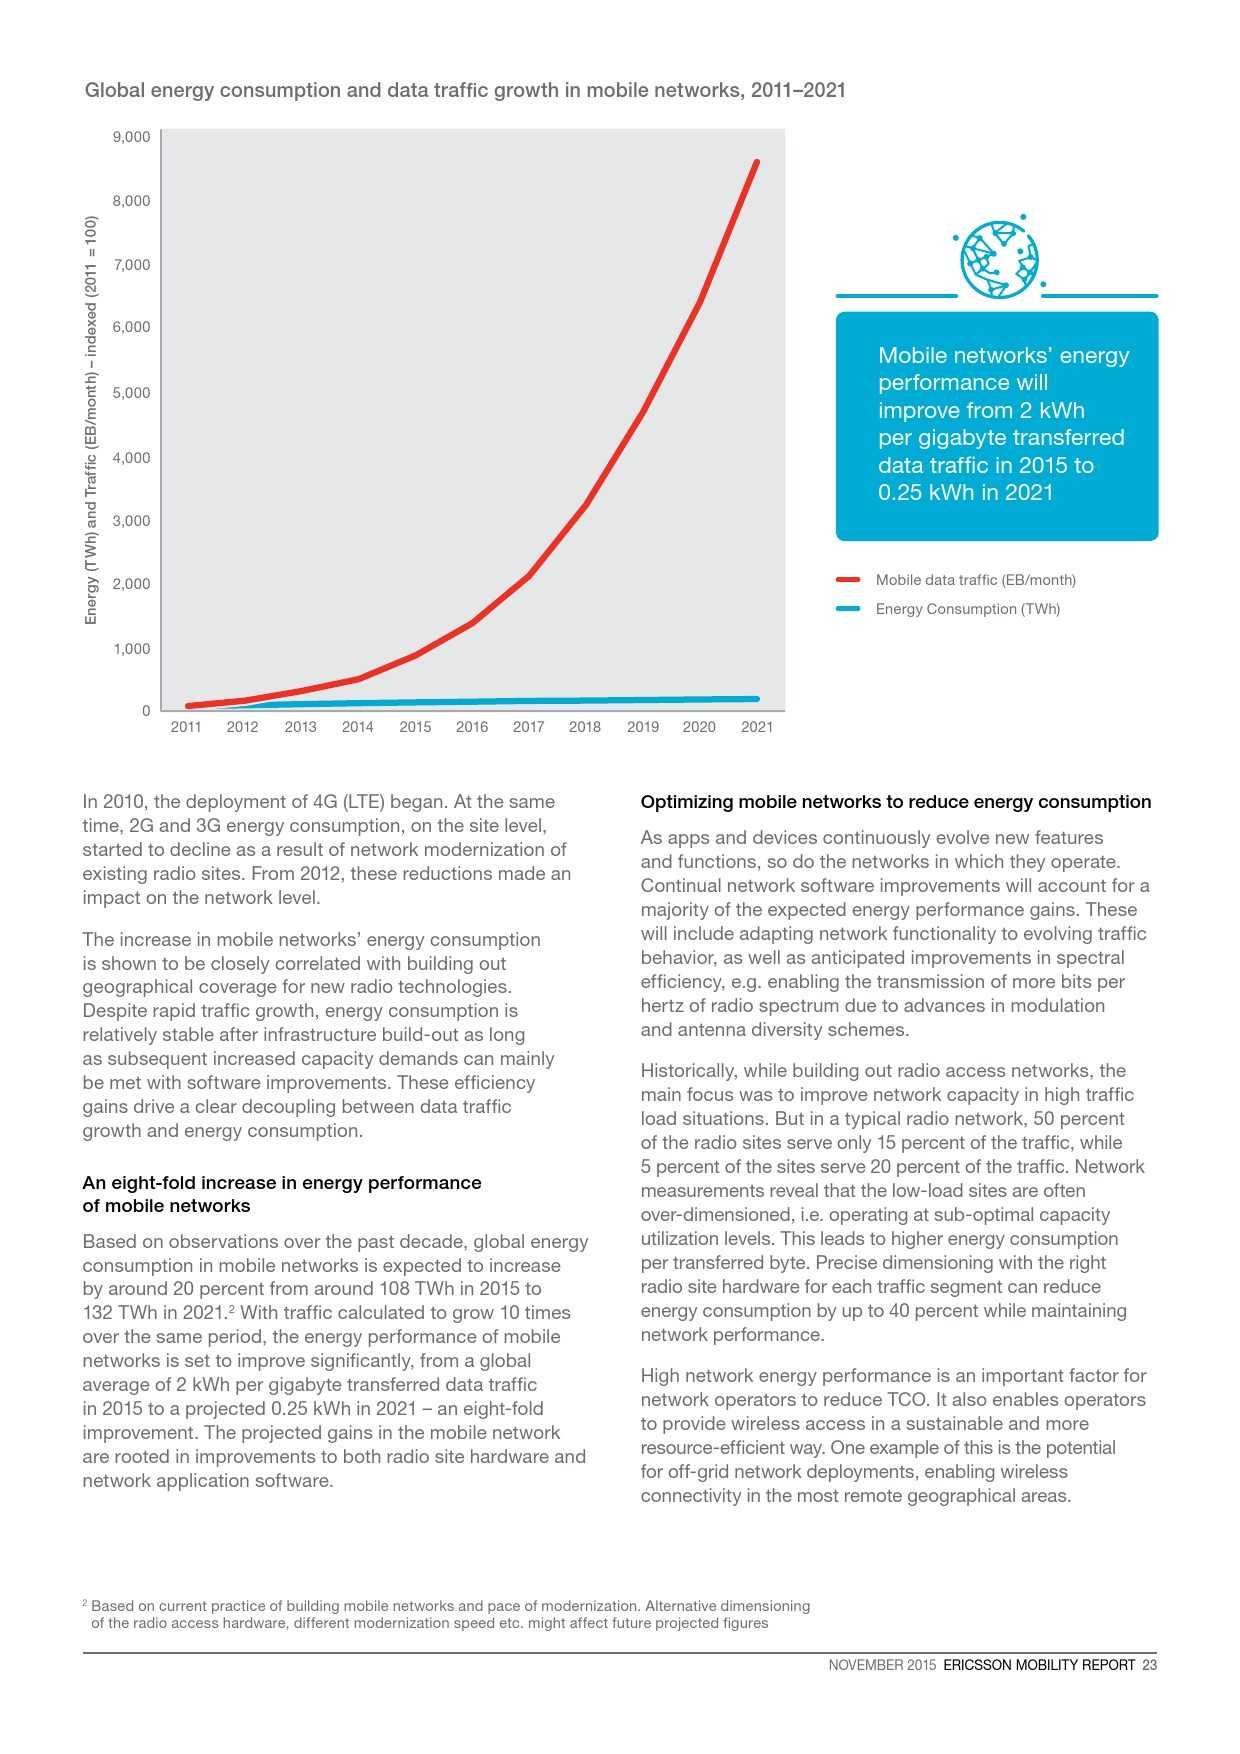 爱立信:2015年移动市场报告_000023